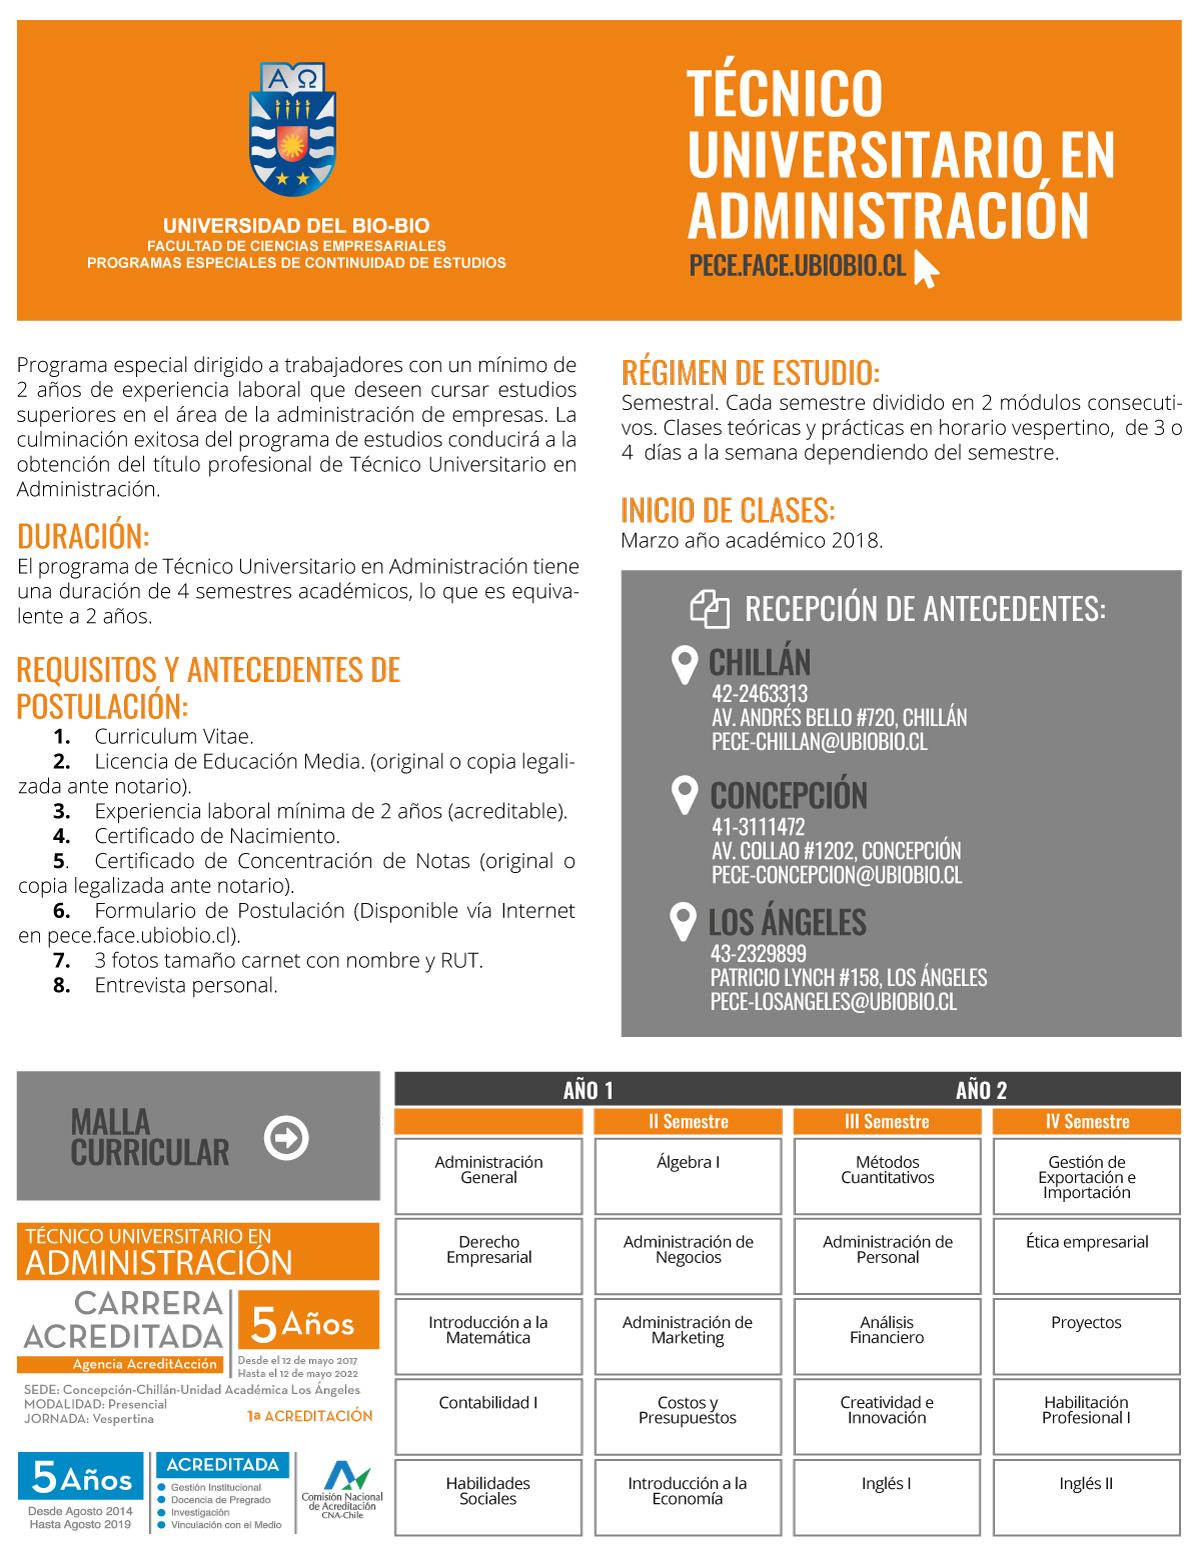 tecnico-universitario-en-administracion